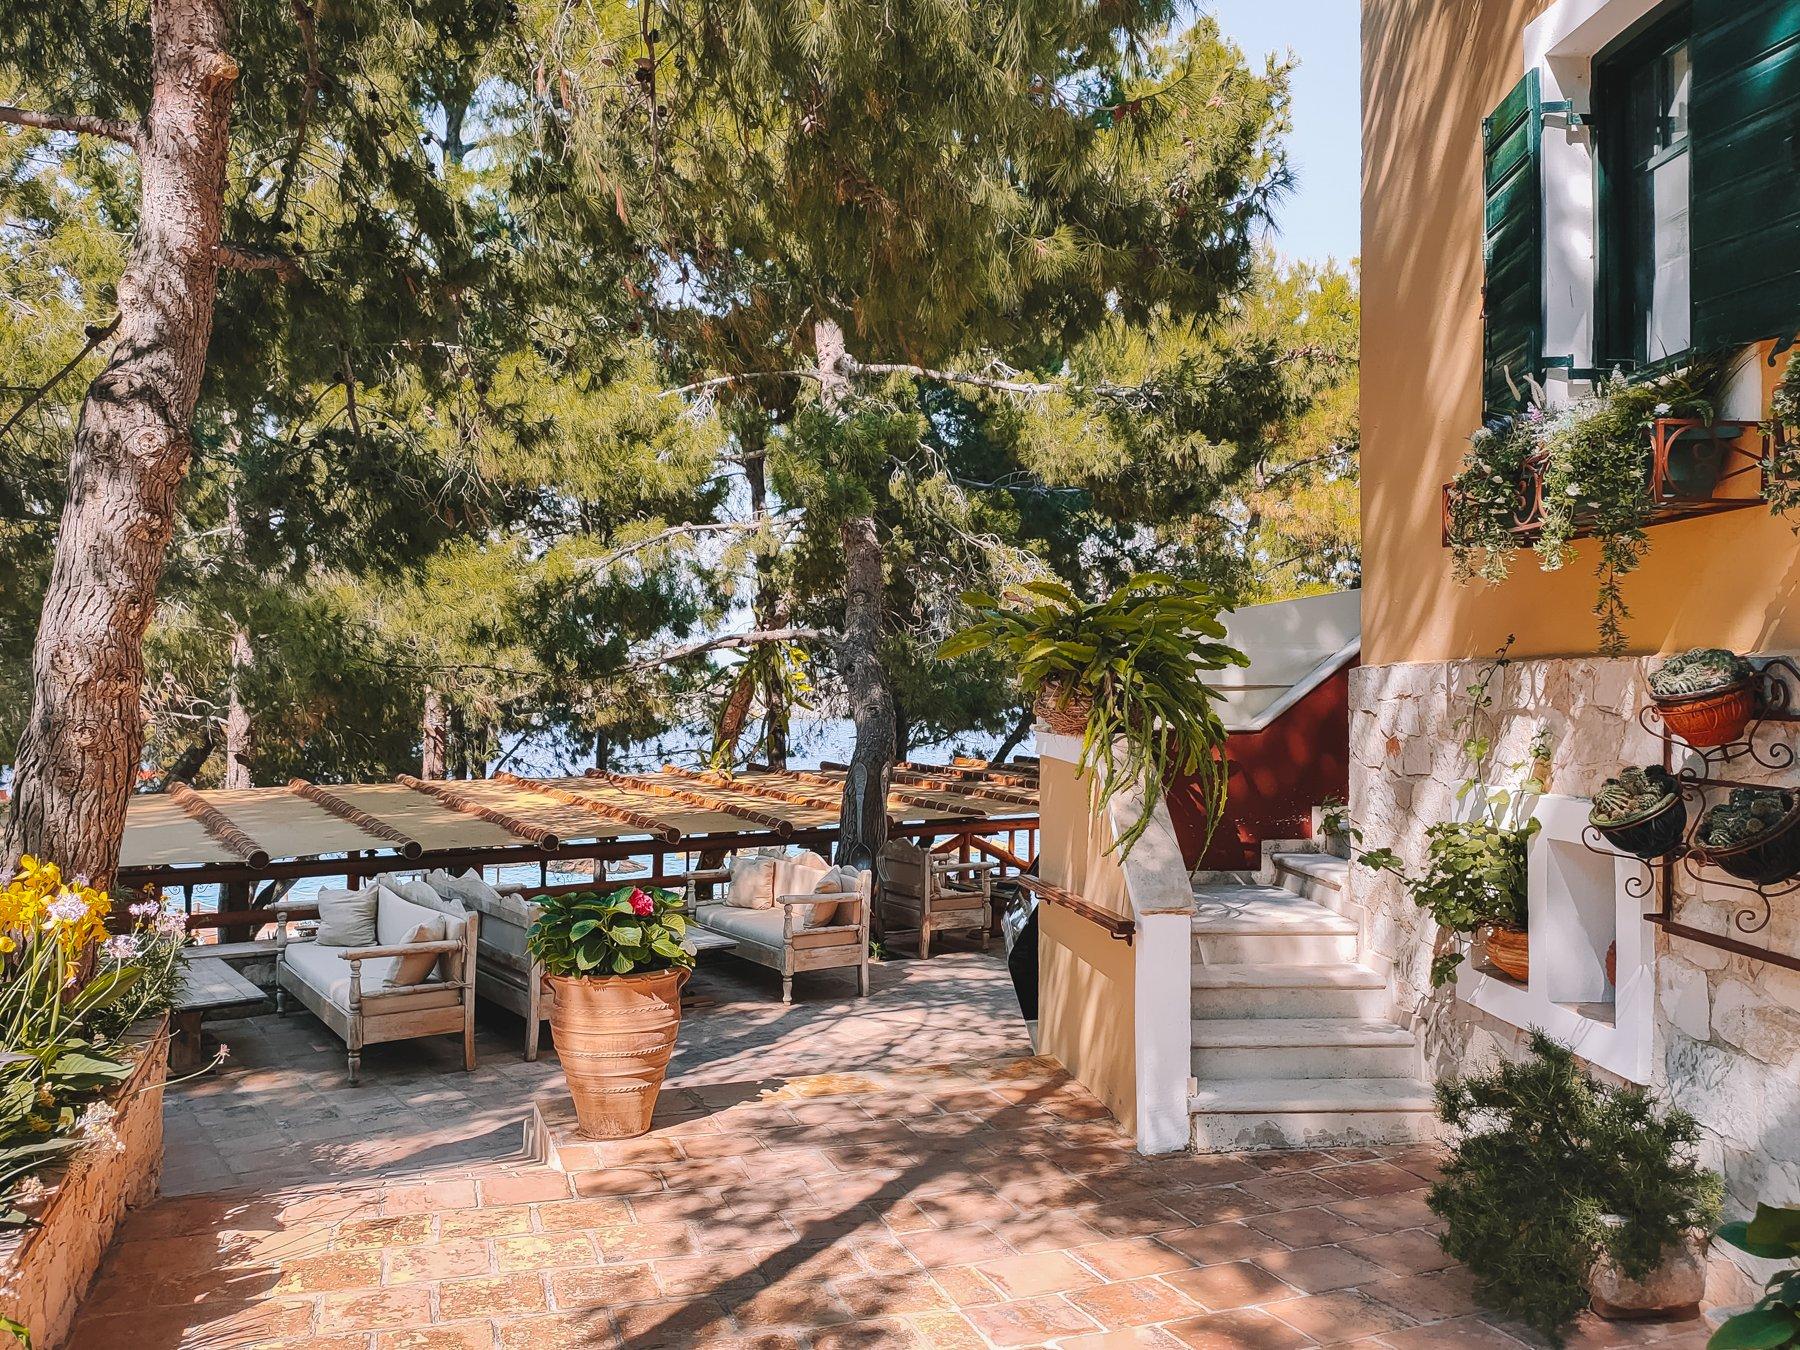 Dit zijn de beste restaurants en hotspots voor lekker eten en drinken op Zakynthos!